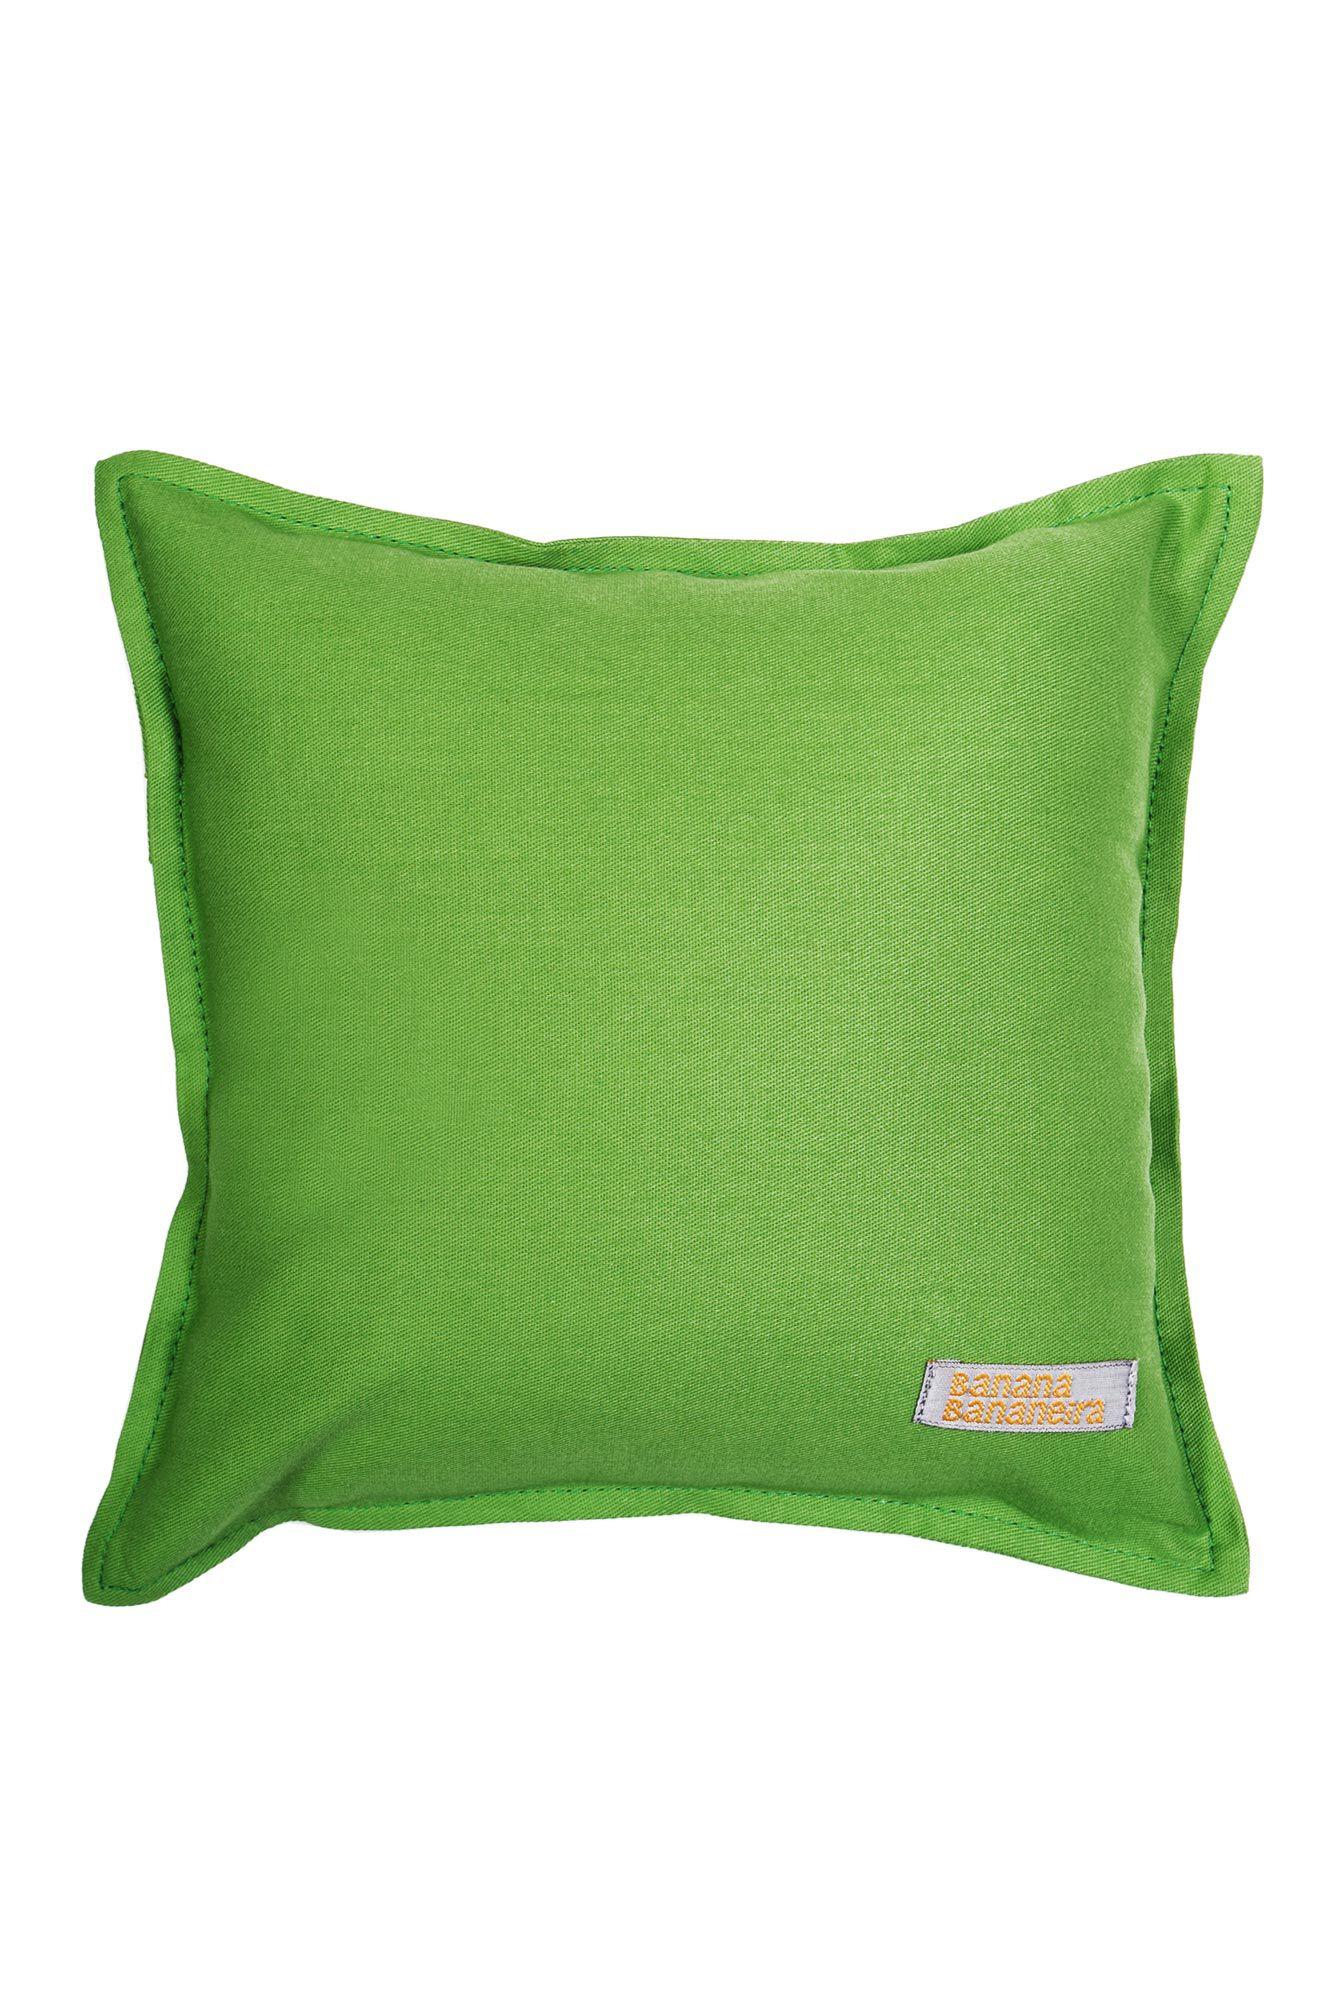 Almofada em pesponto 25 cm x 25 cm verde